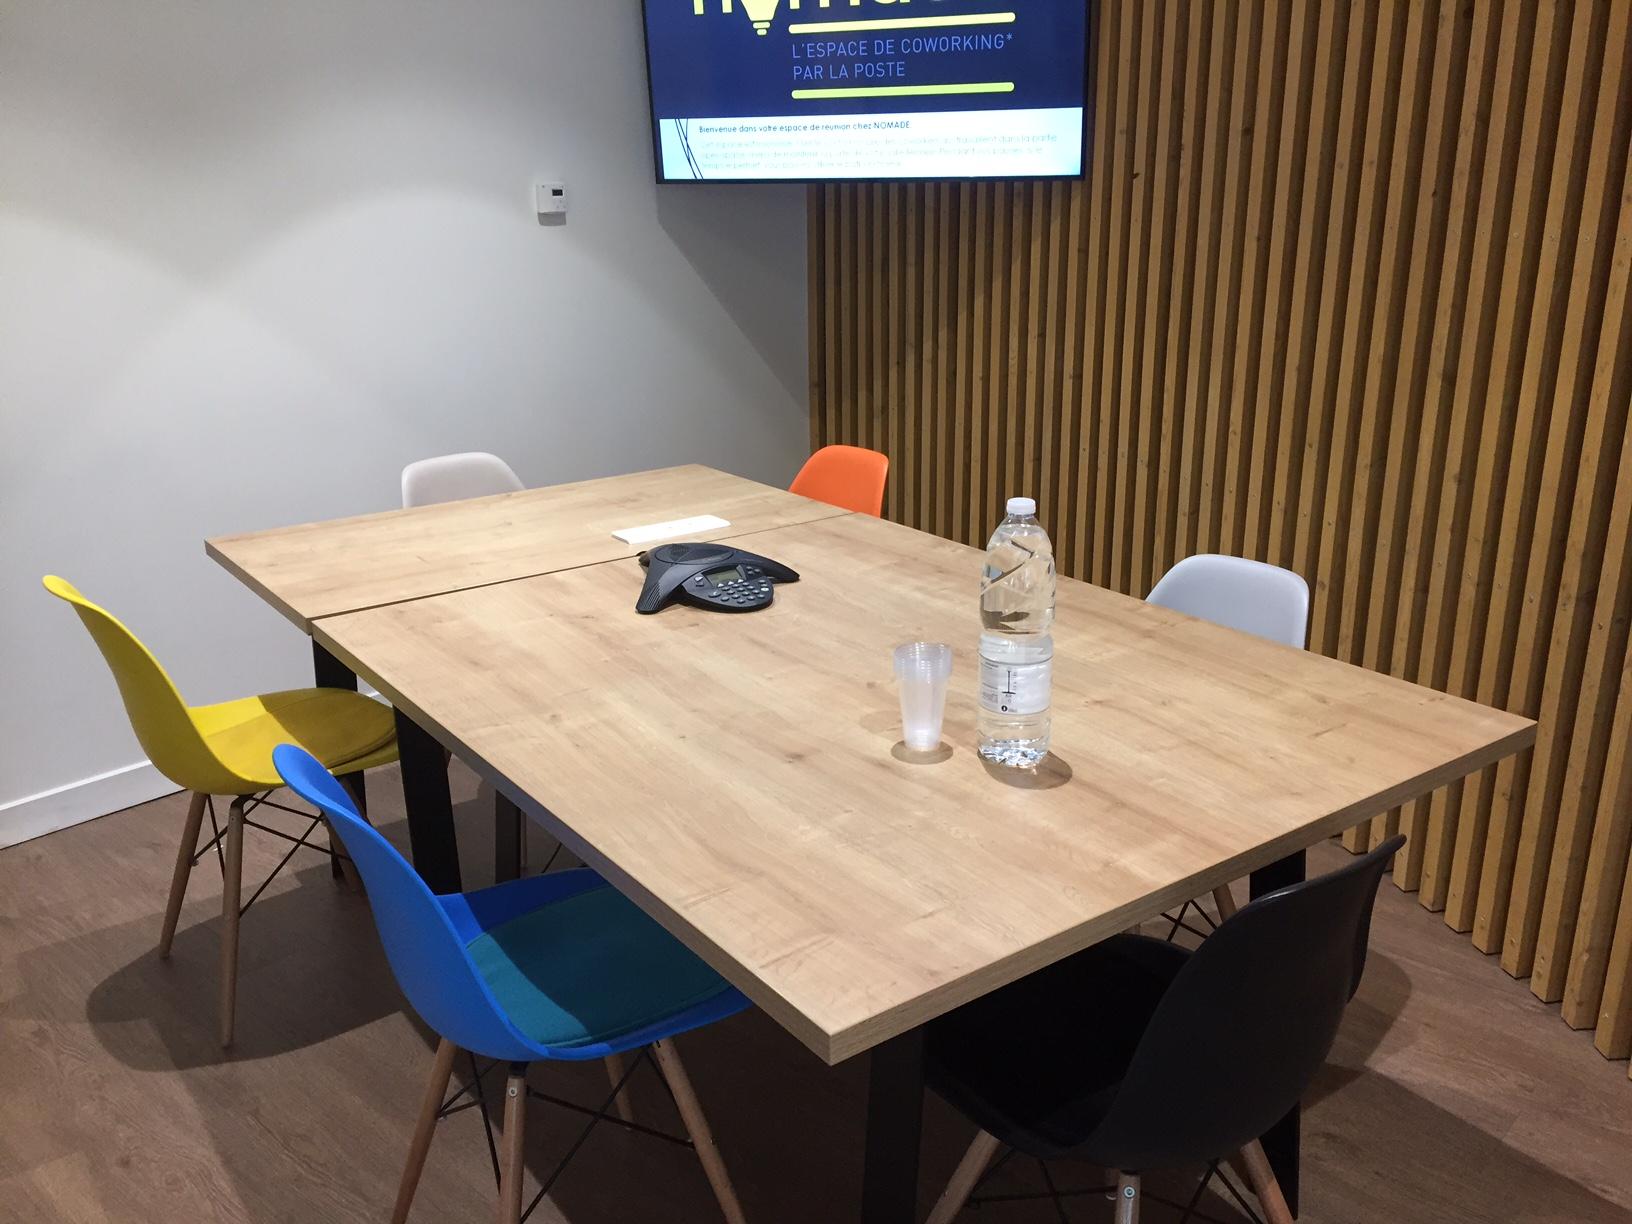 Salle de réunion pour 7 personnes dans le centre de Bordeaux - Palais de Justice